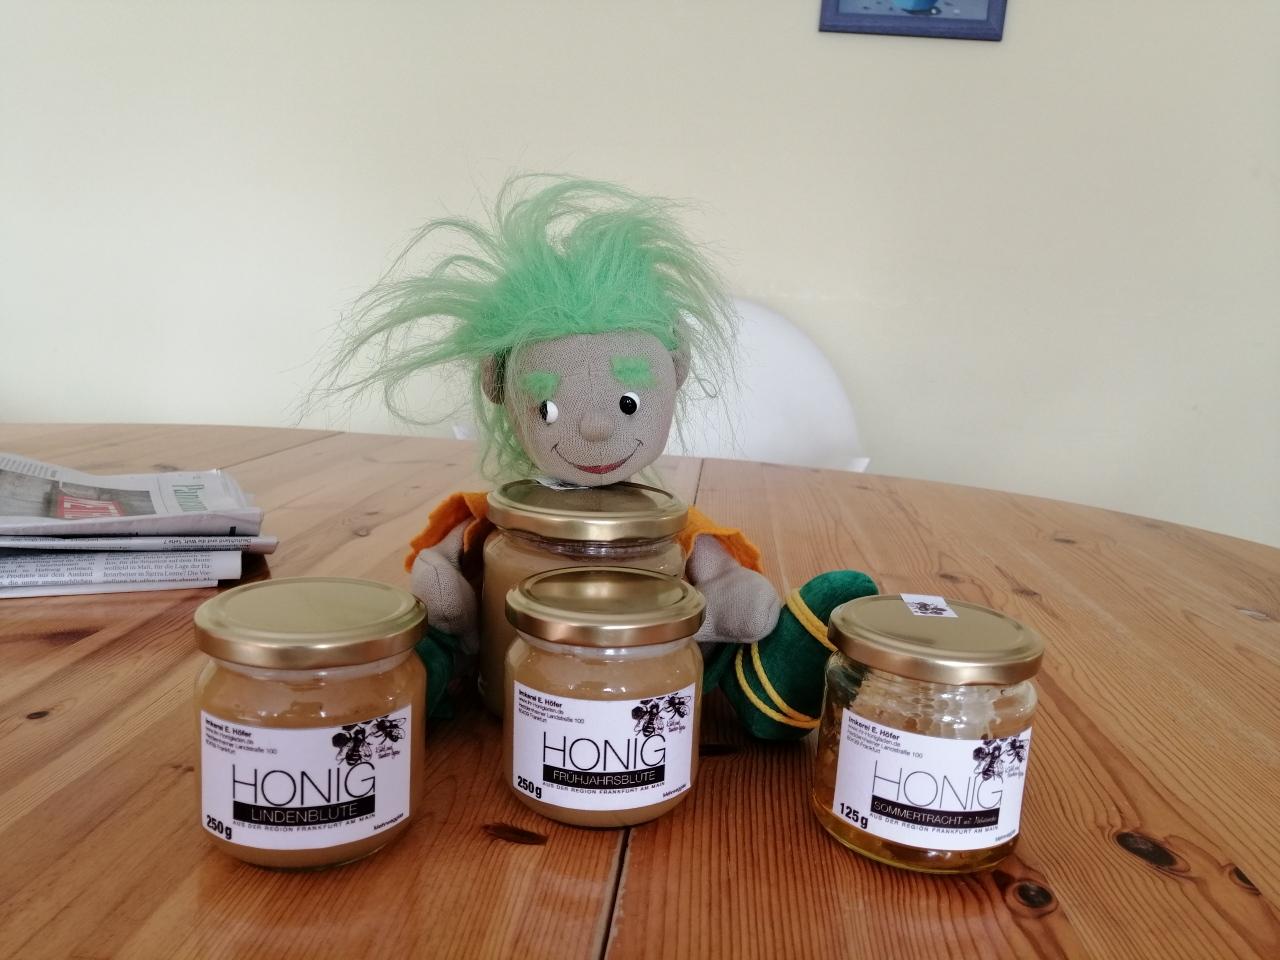 Honig vom Imker Höfer für einen guten Zweck